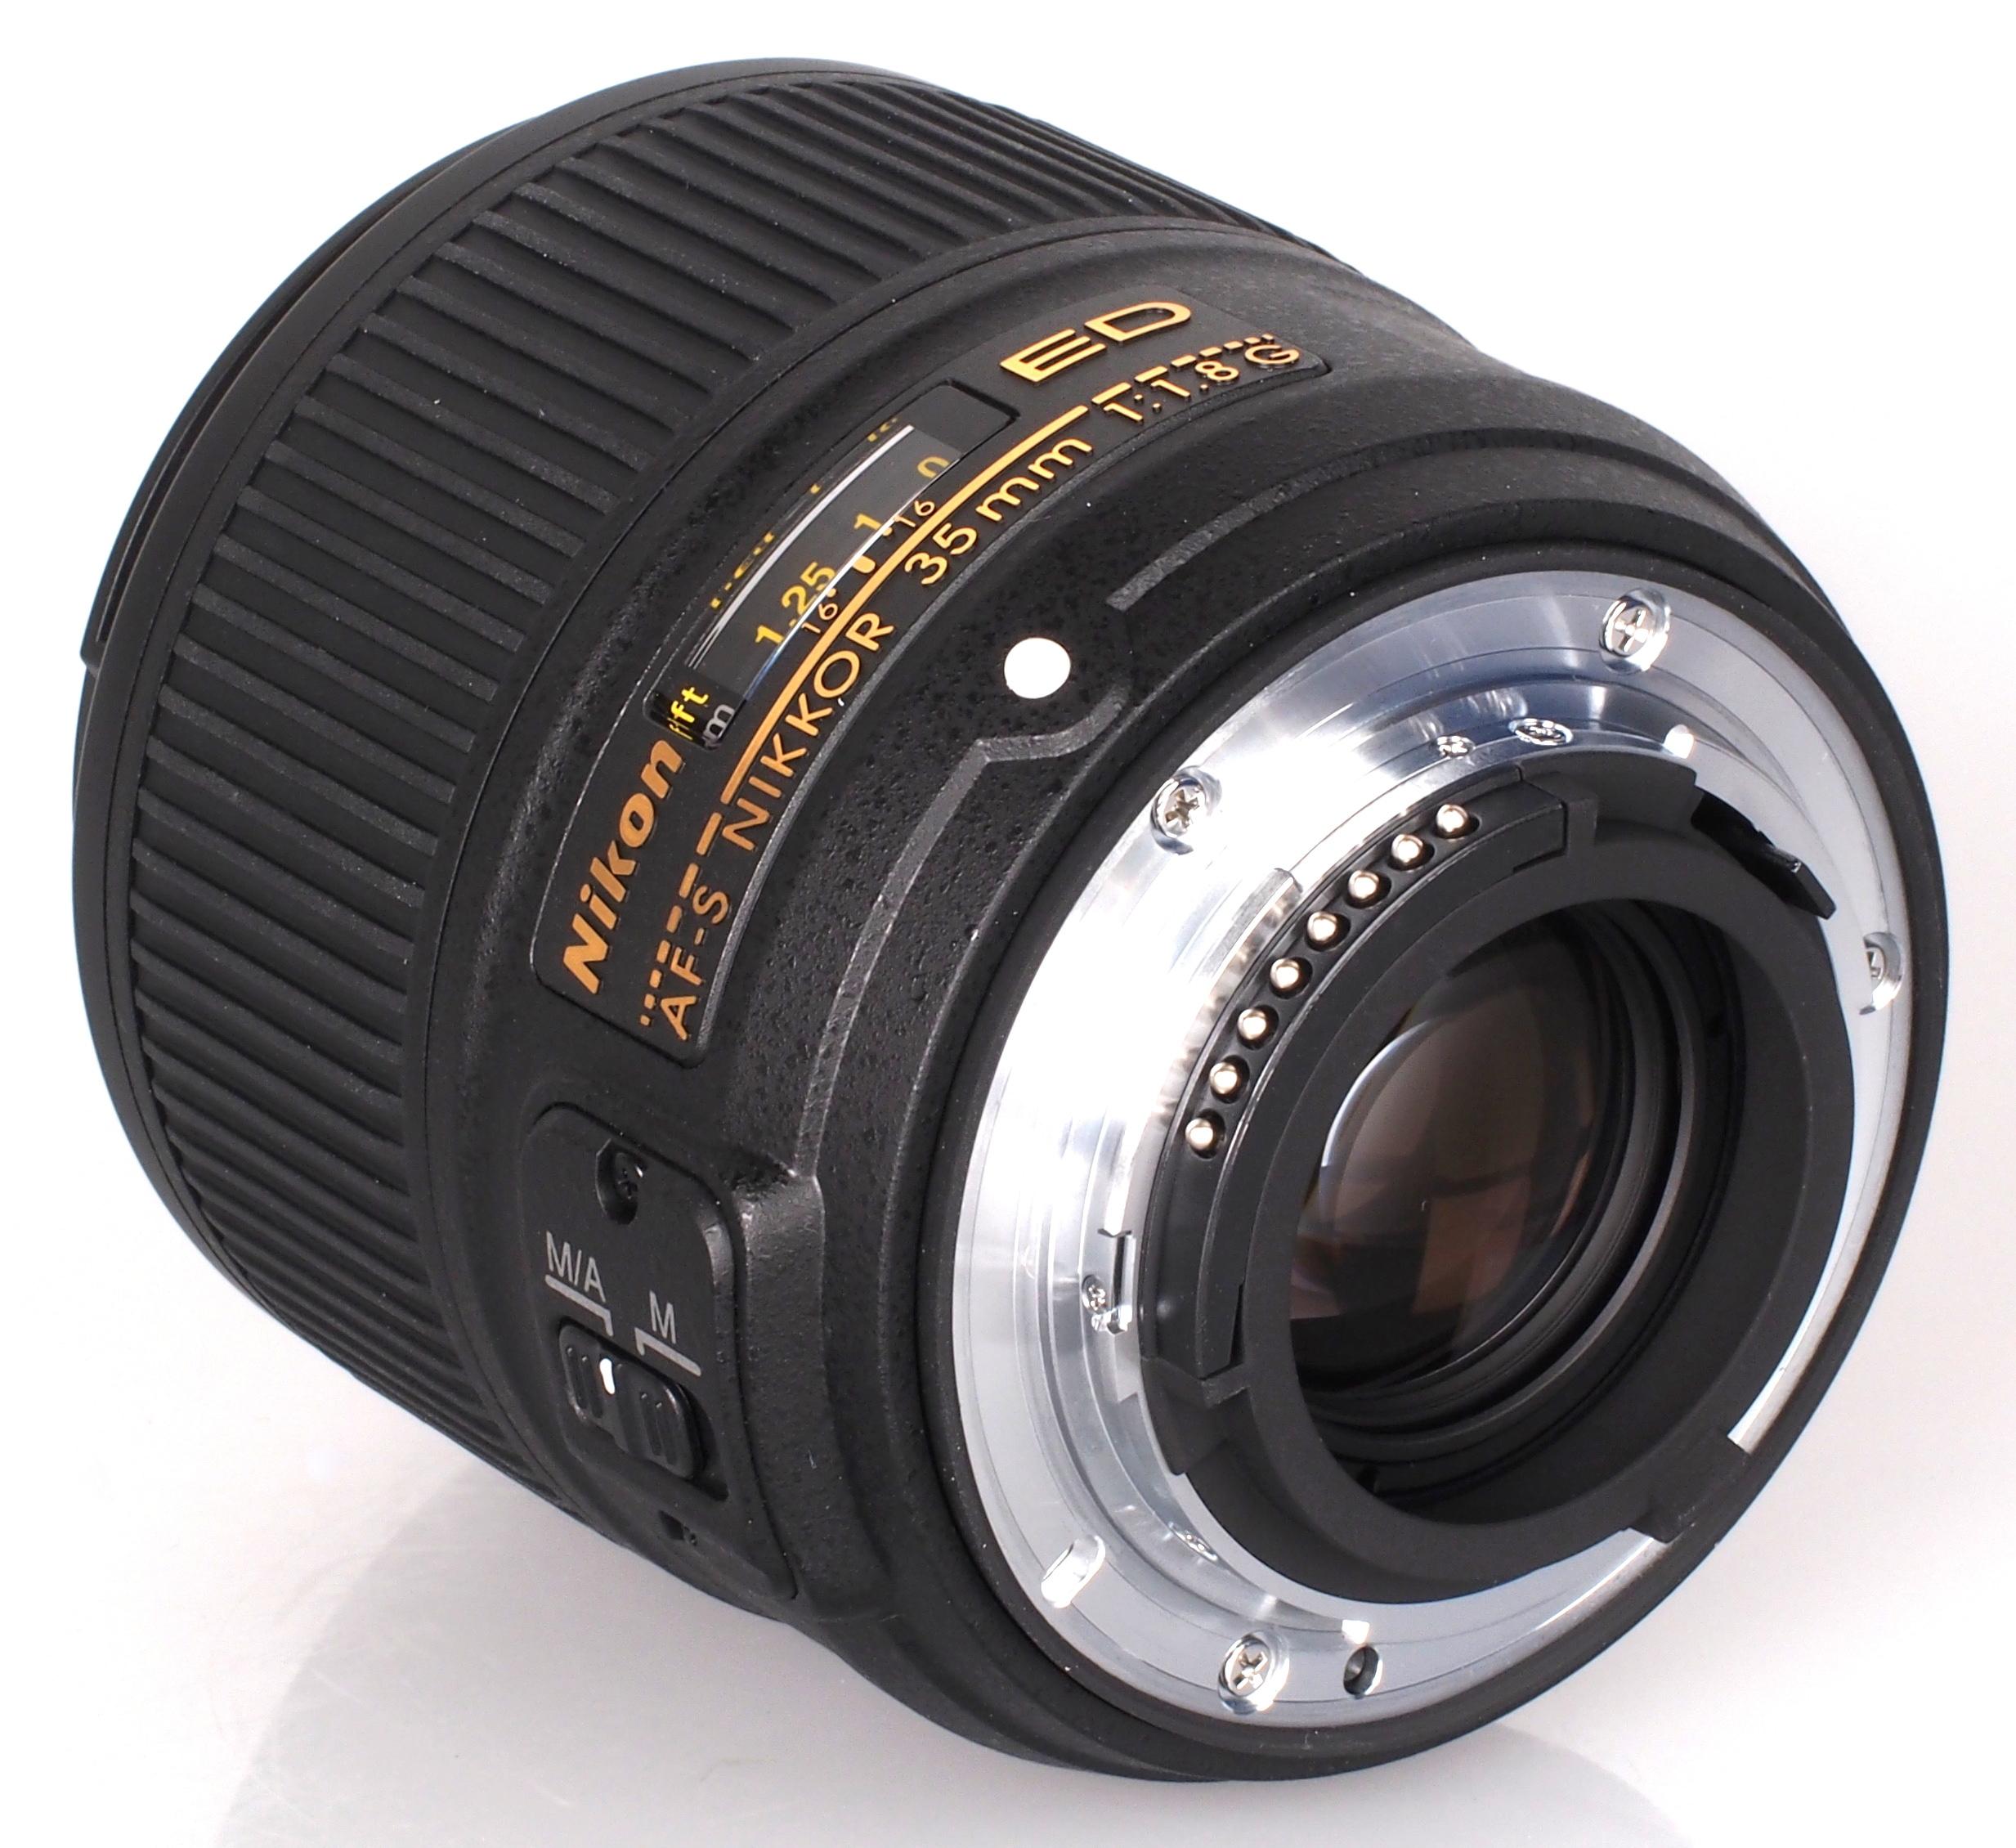 Nikon AF-S Nikkor 35mm f/1.8G Lens Review